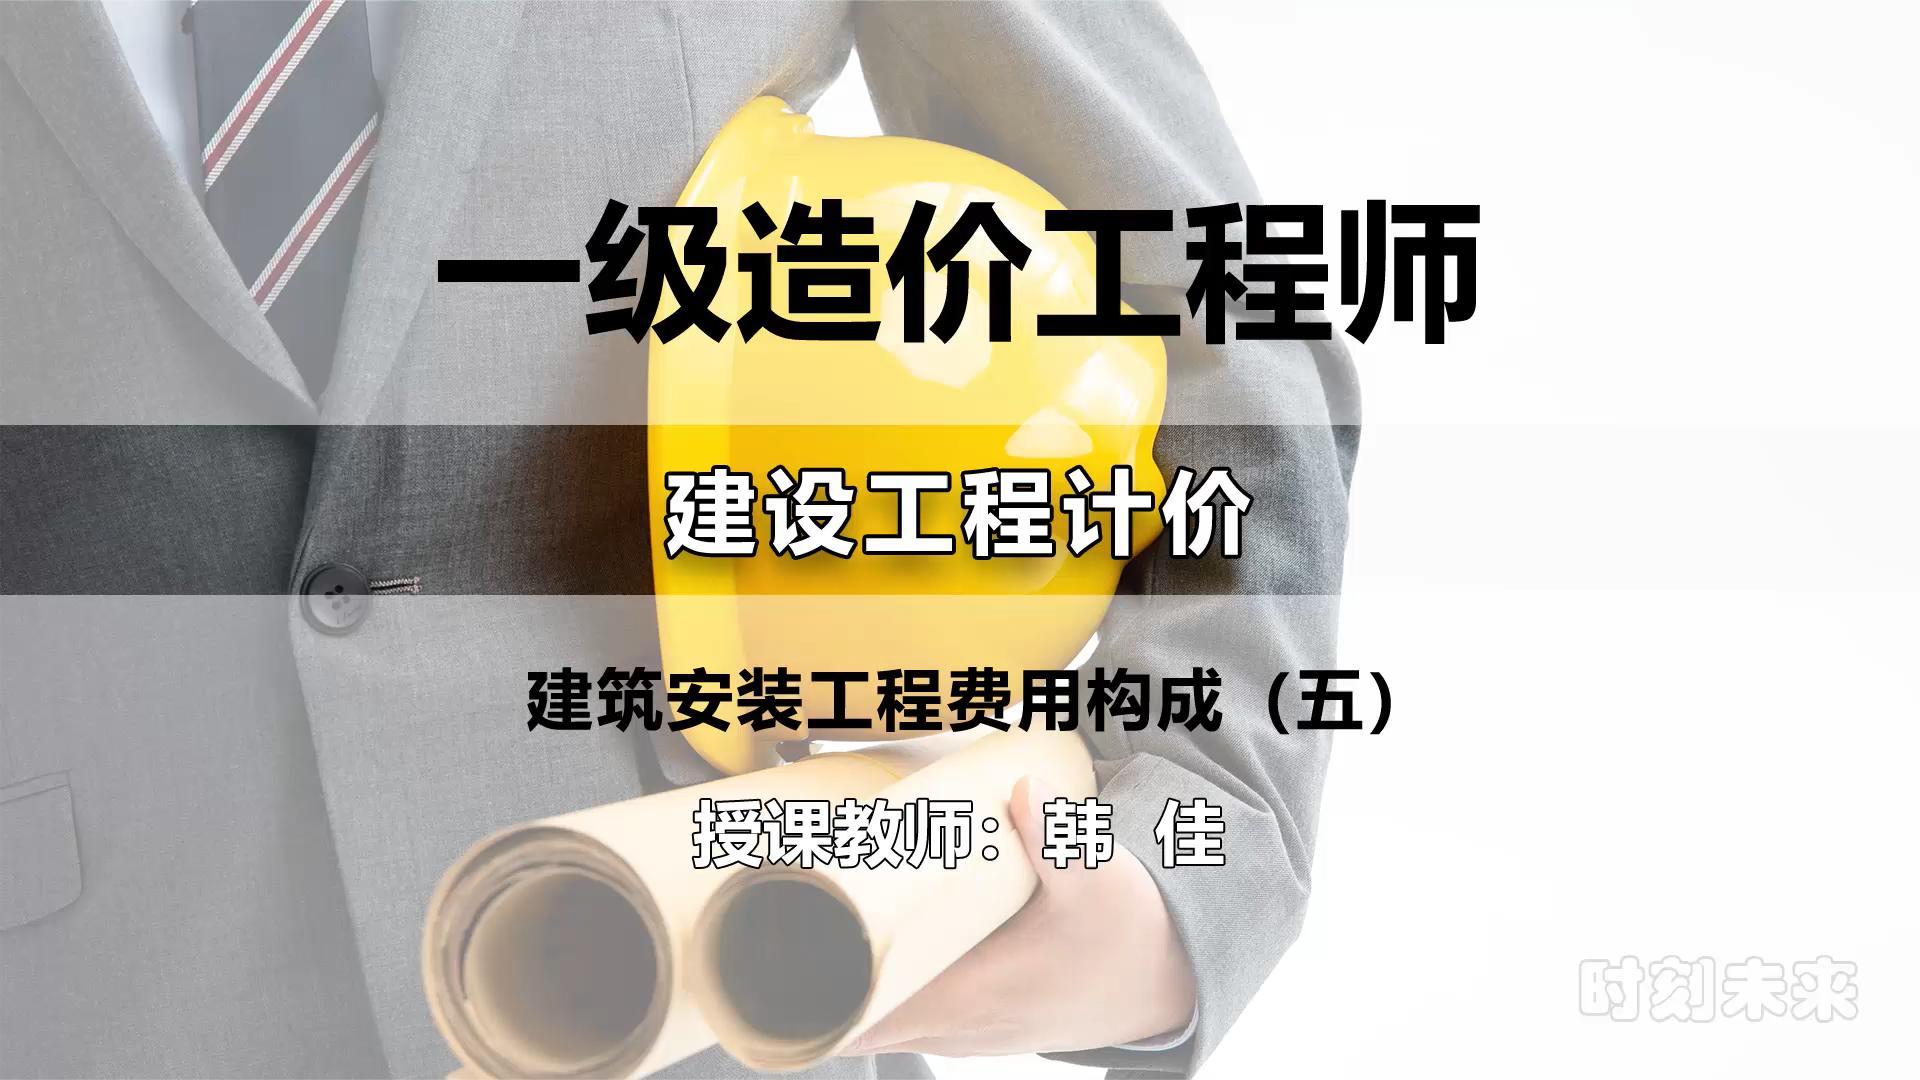 韩佳-一级造价工程师-建设工程计价-教材精讲班-第四期